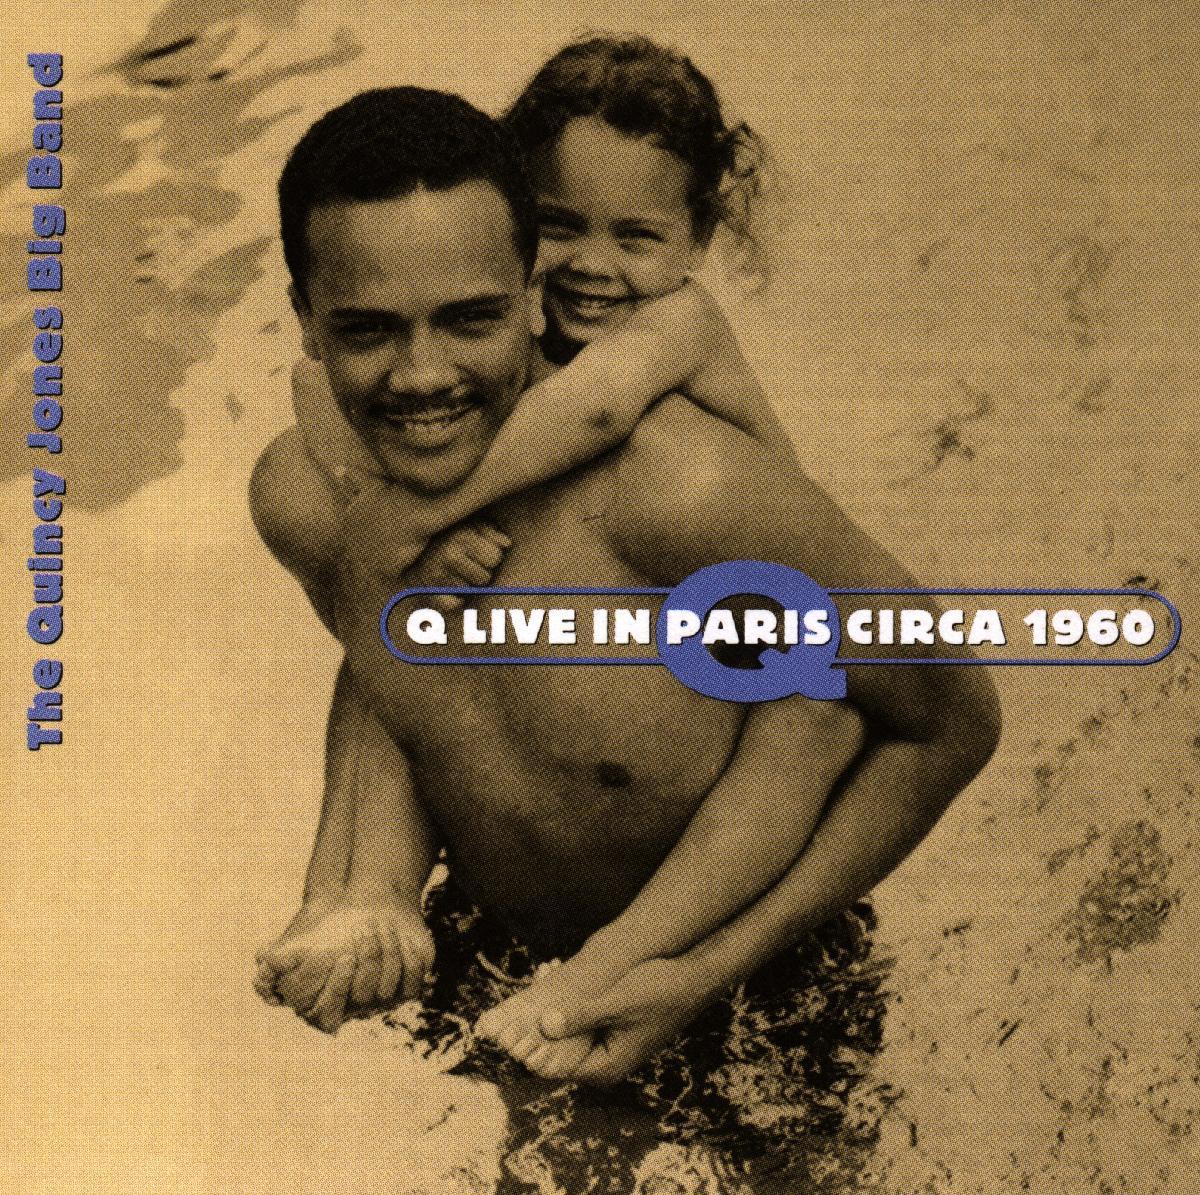 Q Live in Paris Circa 1960 - Quincy Jones - Musik - WARNER - 0093624619024 - 1970